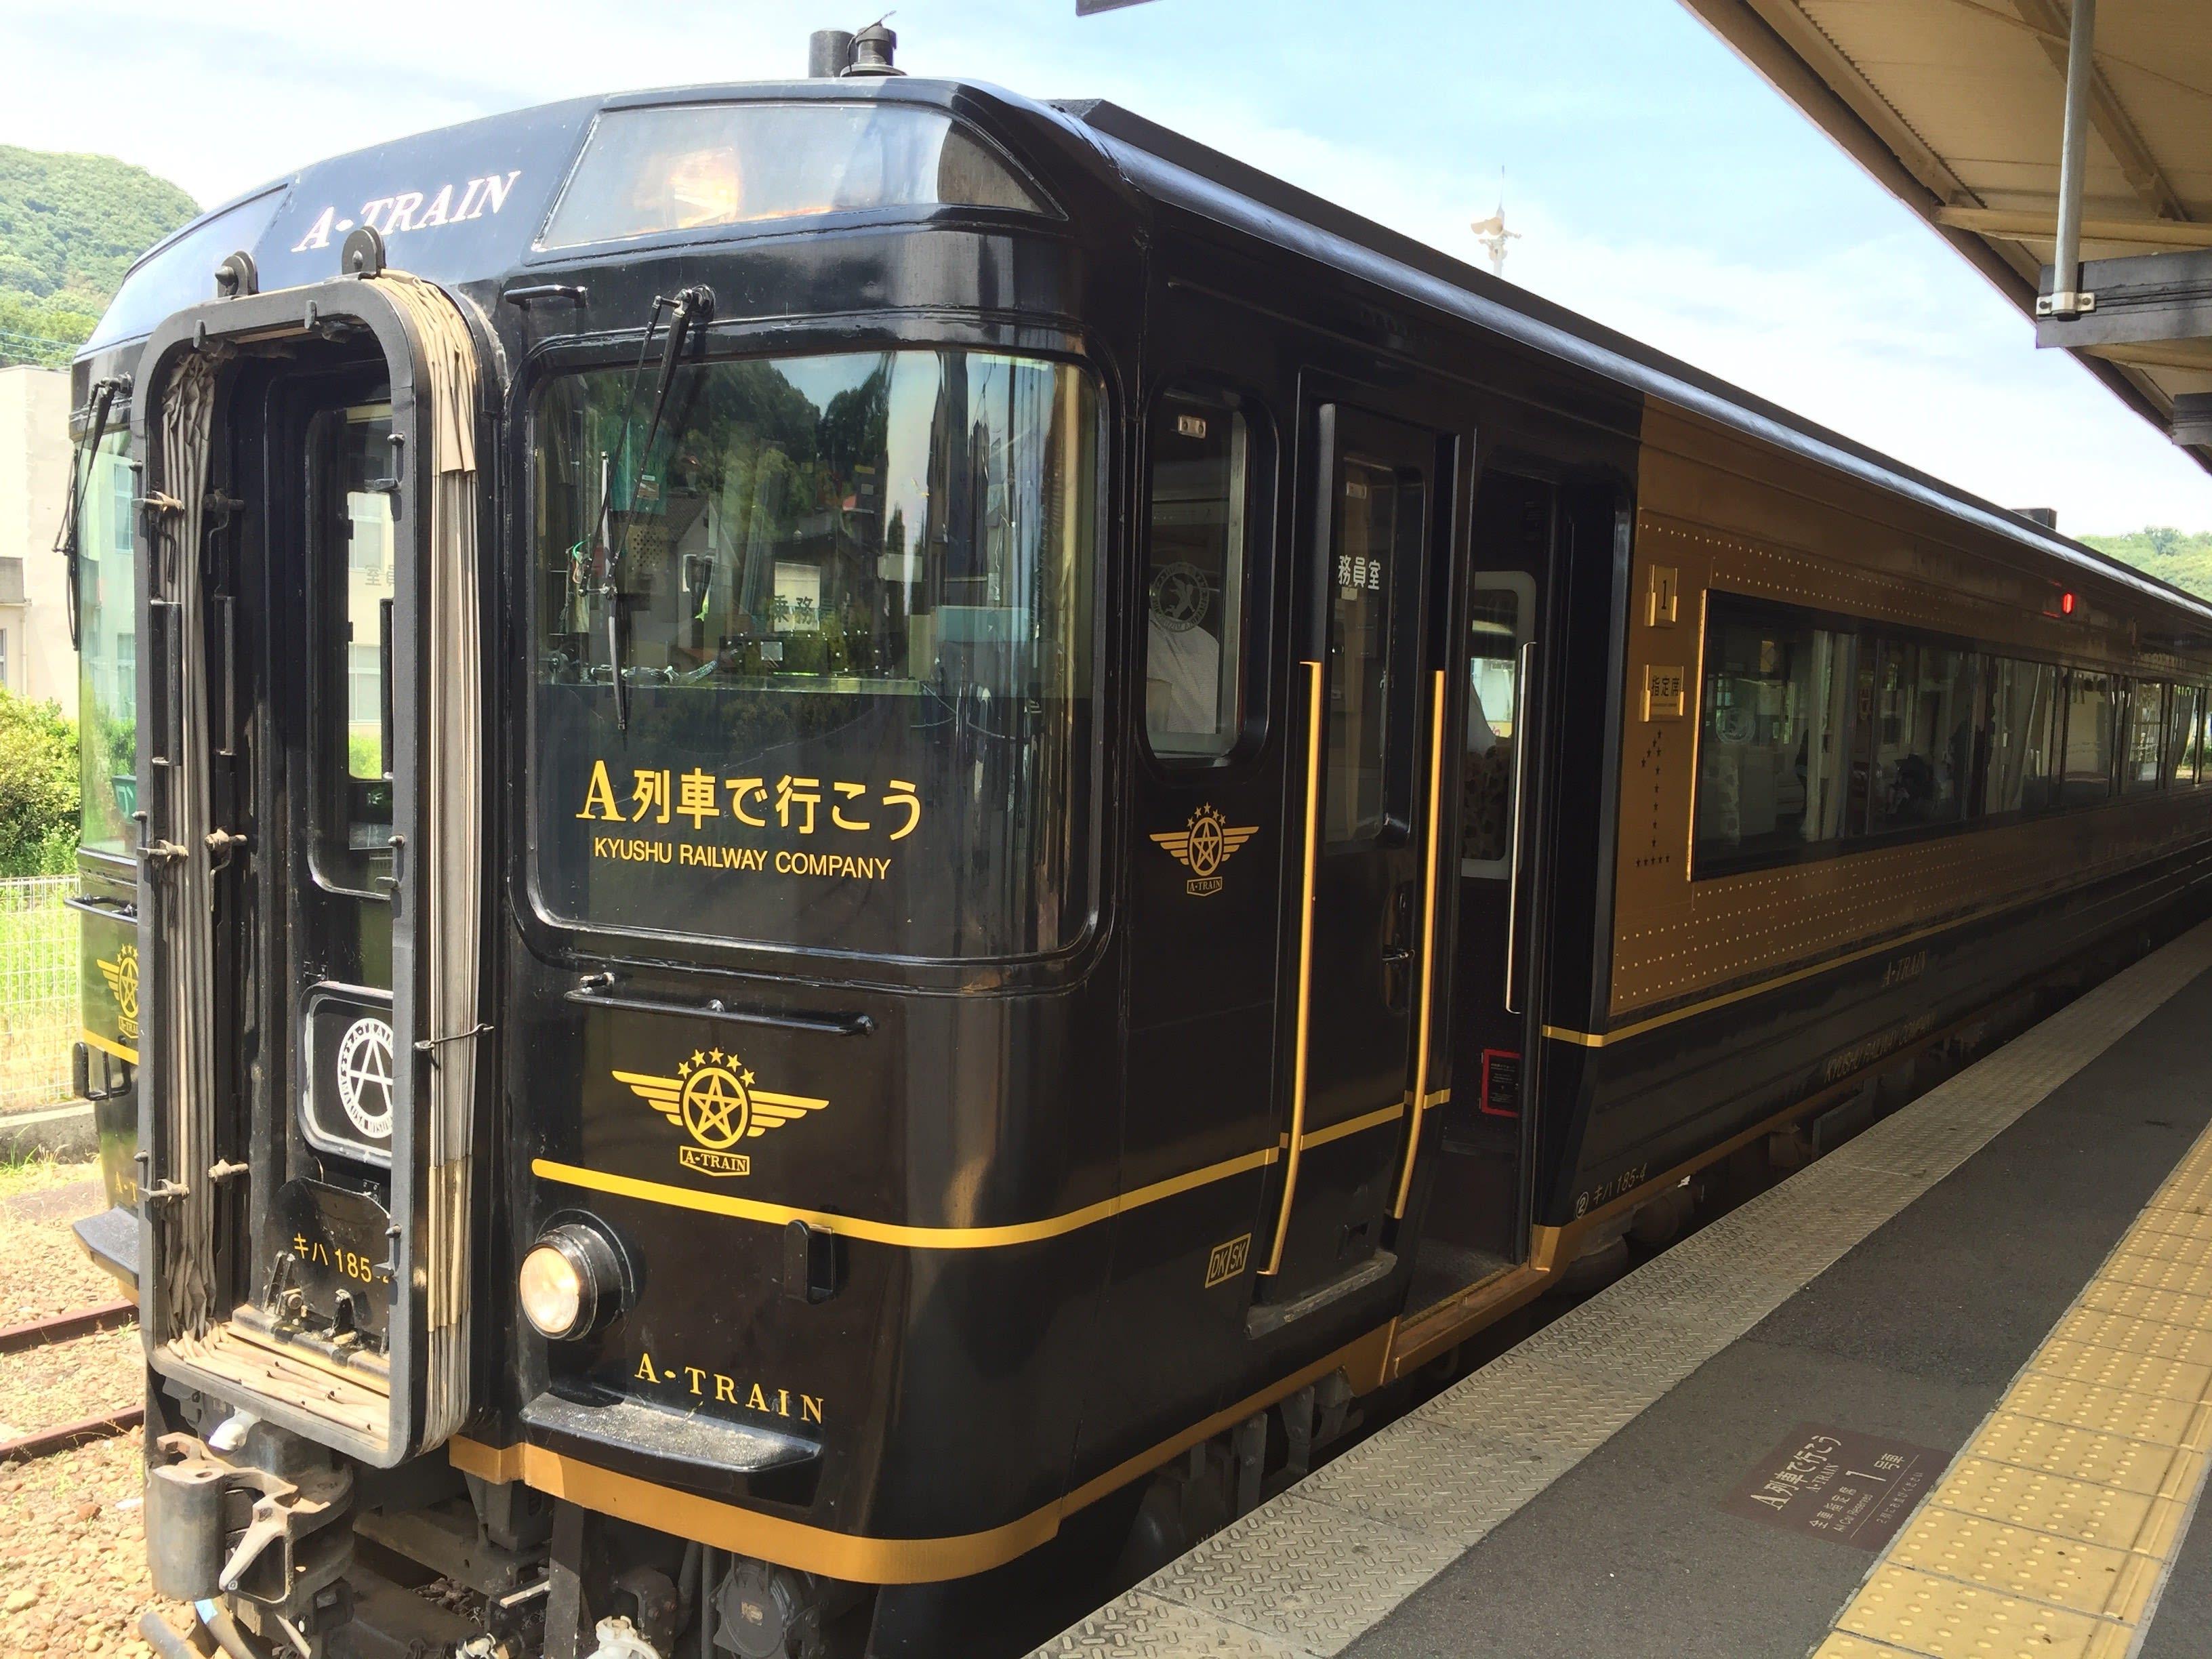 來到九州必須搭乘的特色列車−A-Train。Photo|Zach